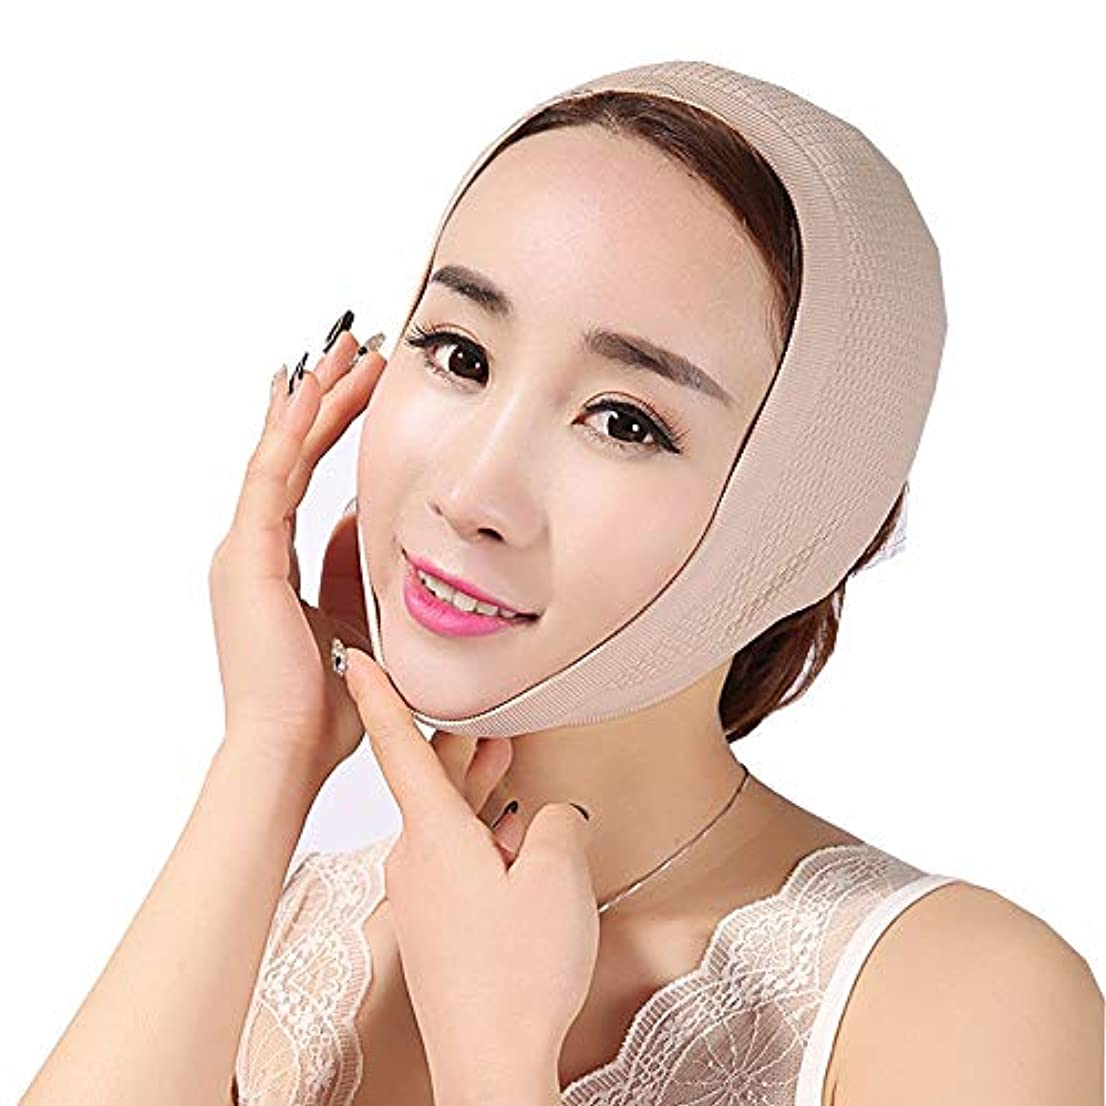 ストレンジャーエイリアンパンフレットMinmin フェイスマスクで眠る薄い顔フェイスリフトフェイスリフトアーティファクトスモールフェイスVフェイスリフト付きフェイスフェイス包帯引き上げジョーセット みんみんVラインフェイスマスク